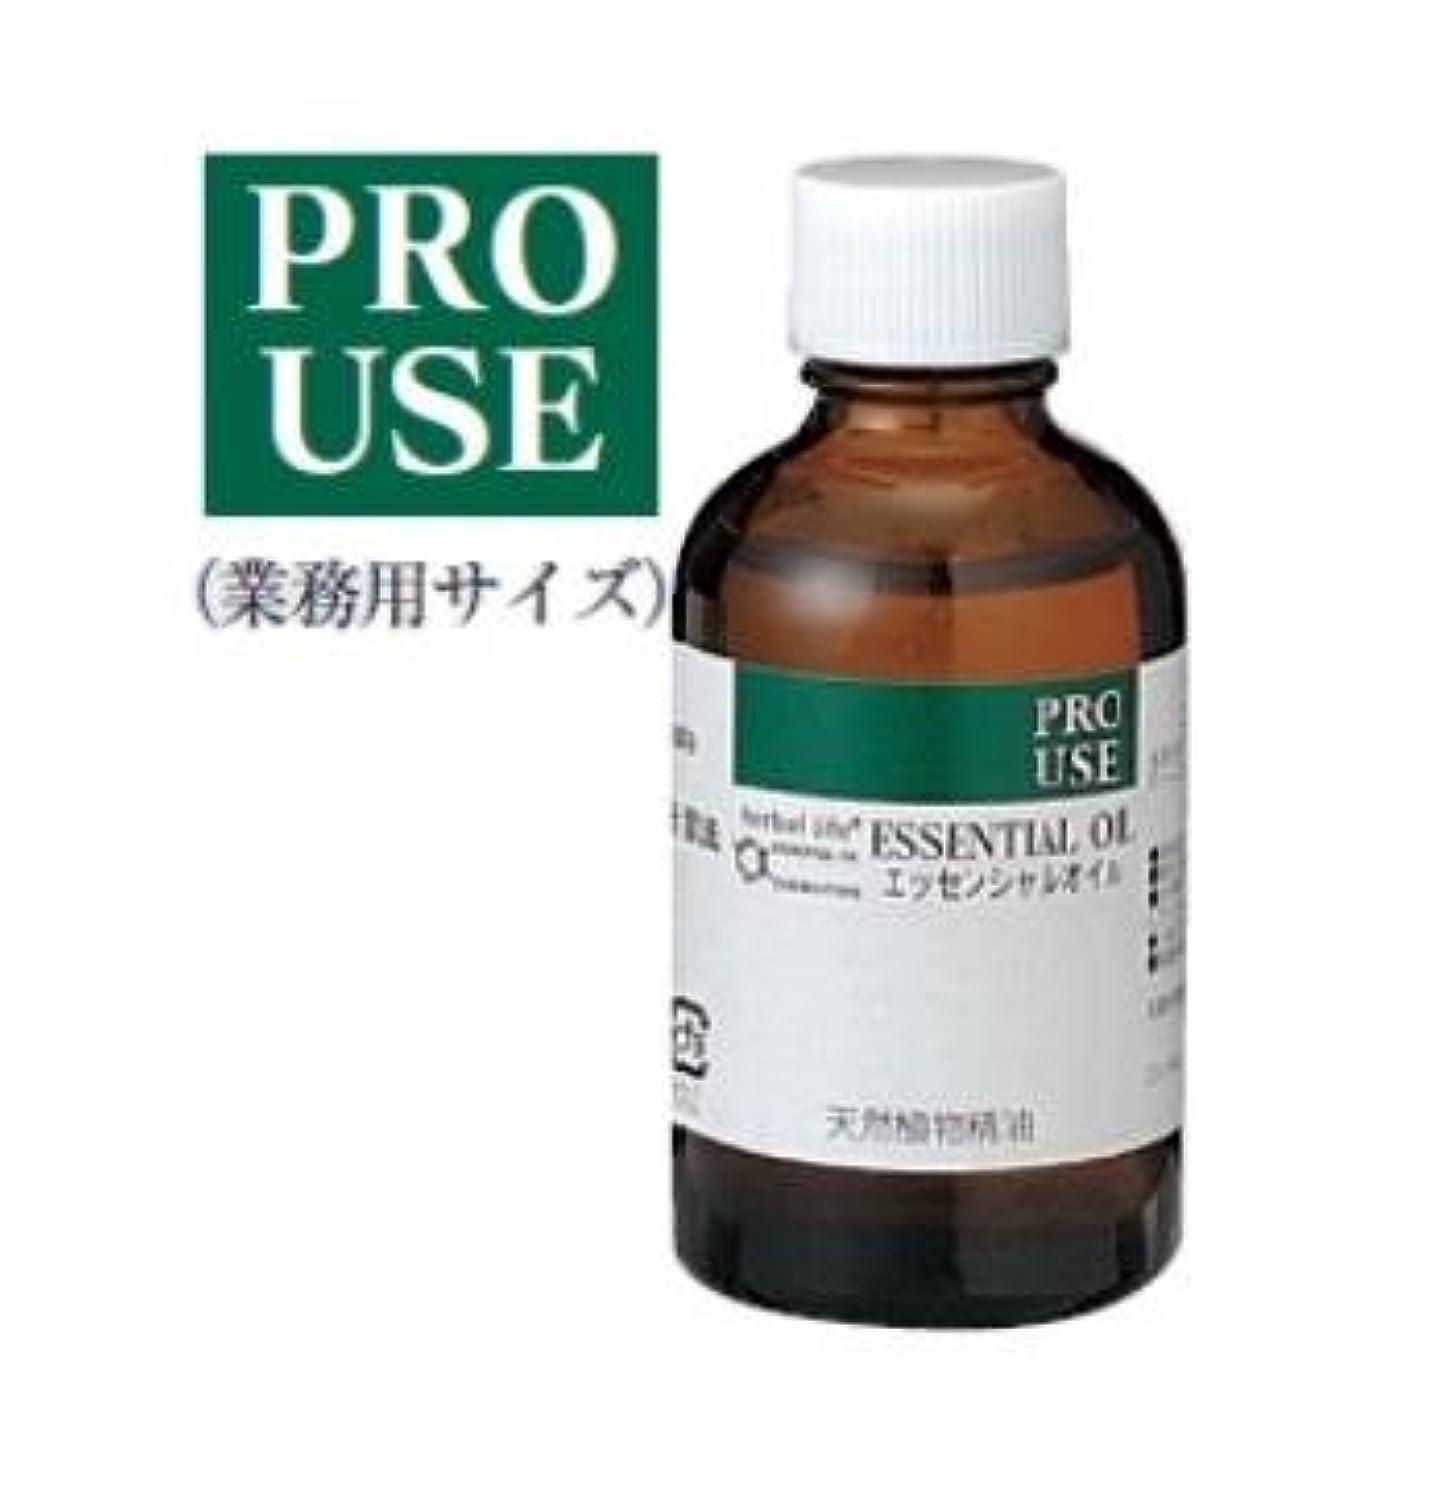 汚染された稼ぐ後方生活の木 エッセンシャルオイル ゼラニウム 精油 50ml アロマオイル アロマ